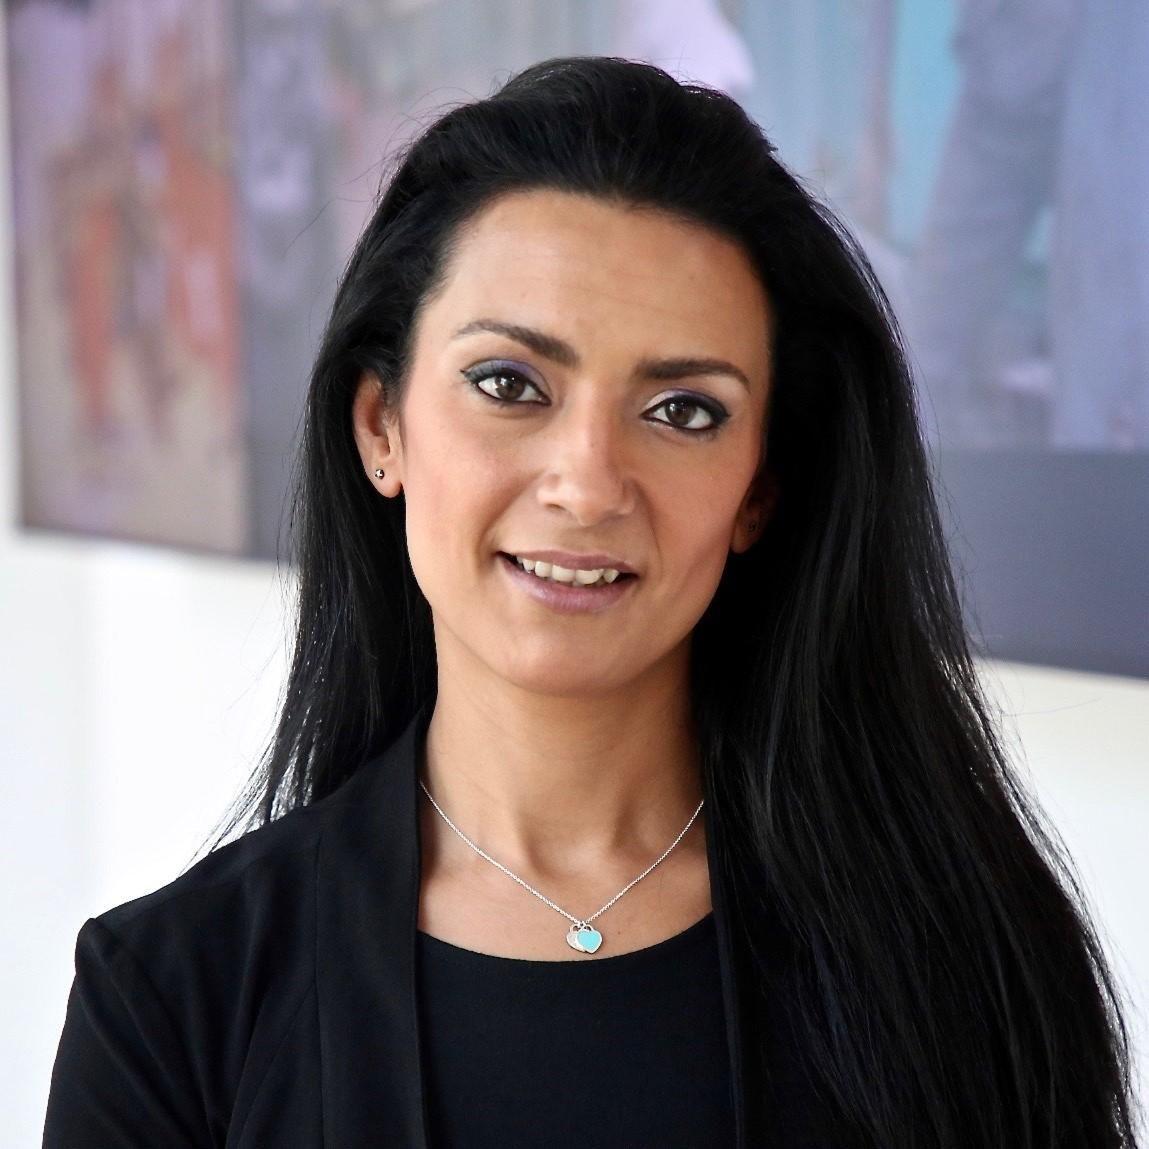 Noha Jadallah